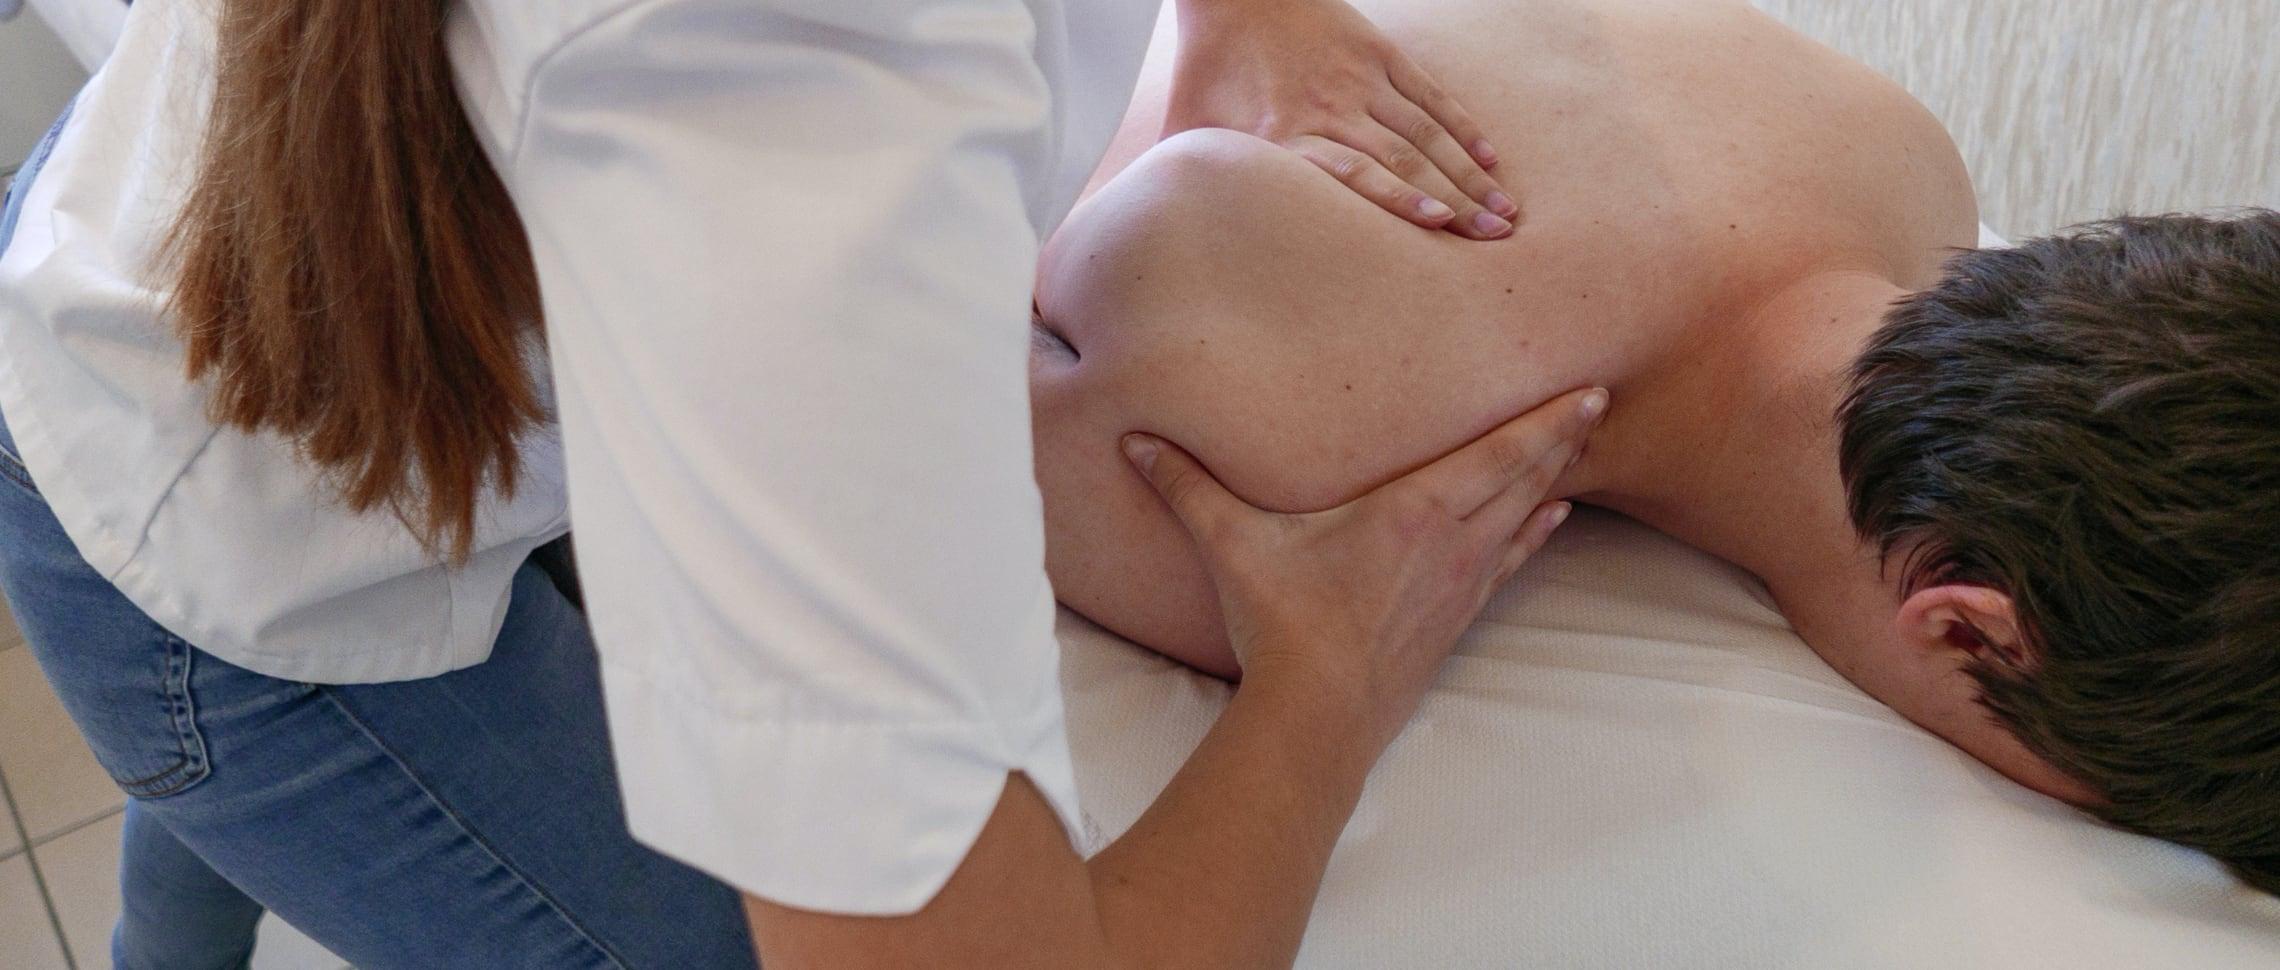 kiropraktor-utför-kiropraktik-skuldran